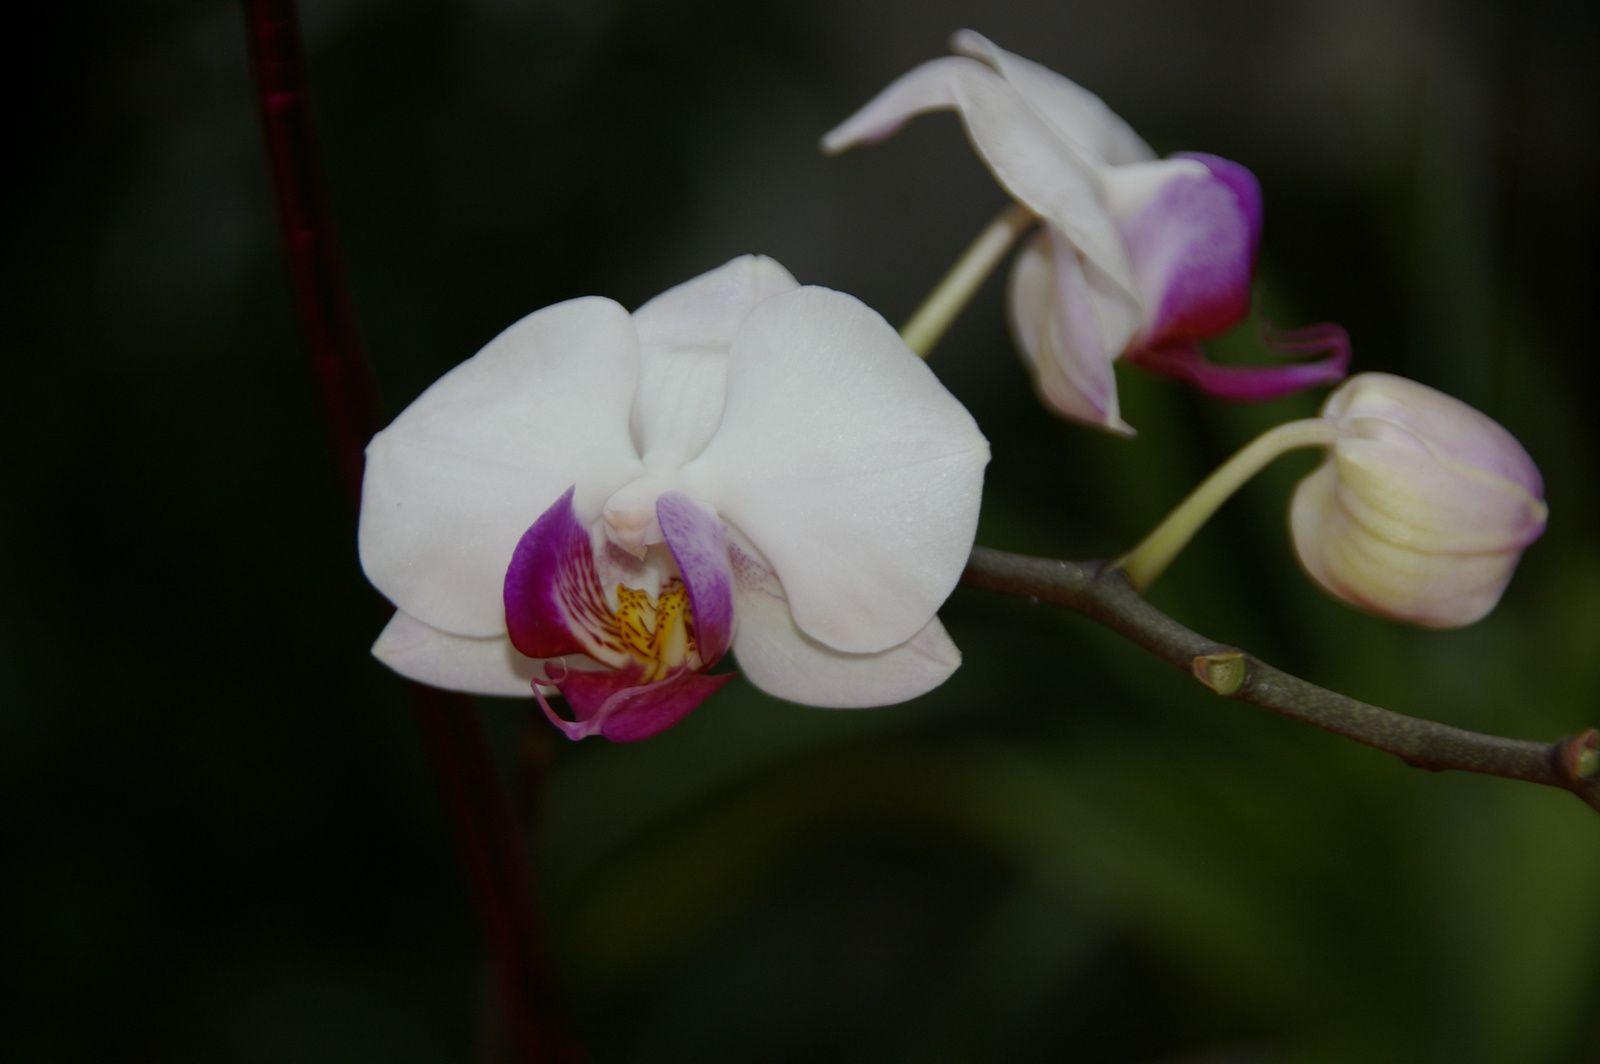 ma phalaenopsis blanche qui est en piteux état : plusieurs boutons de fleurs ont nécrosé.